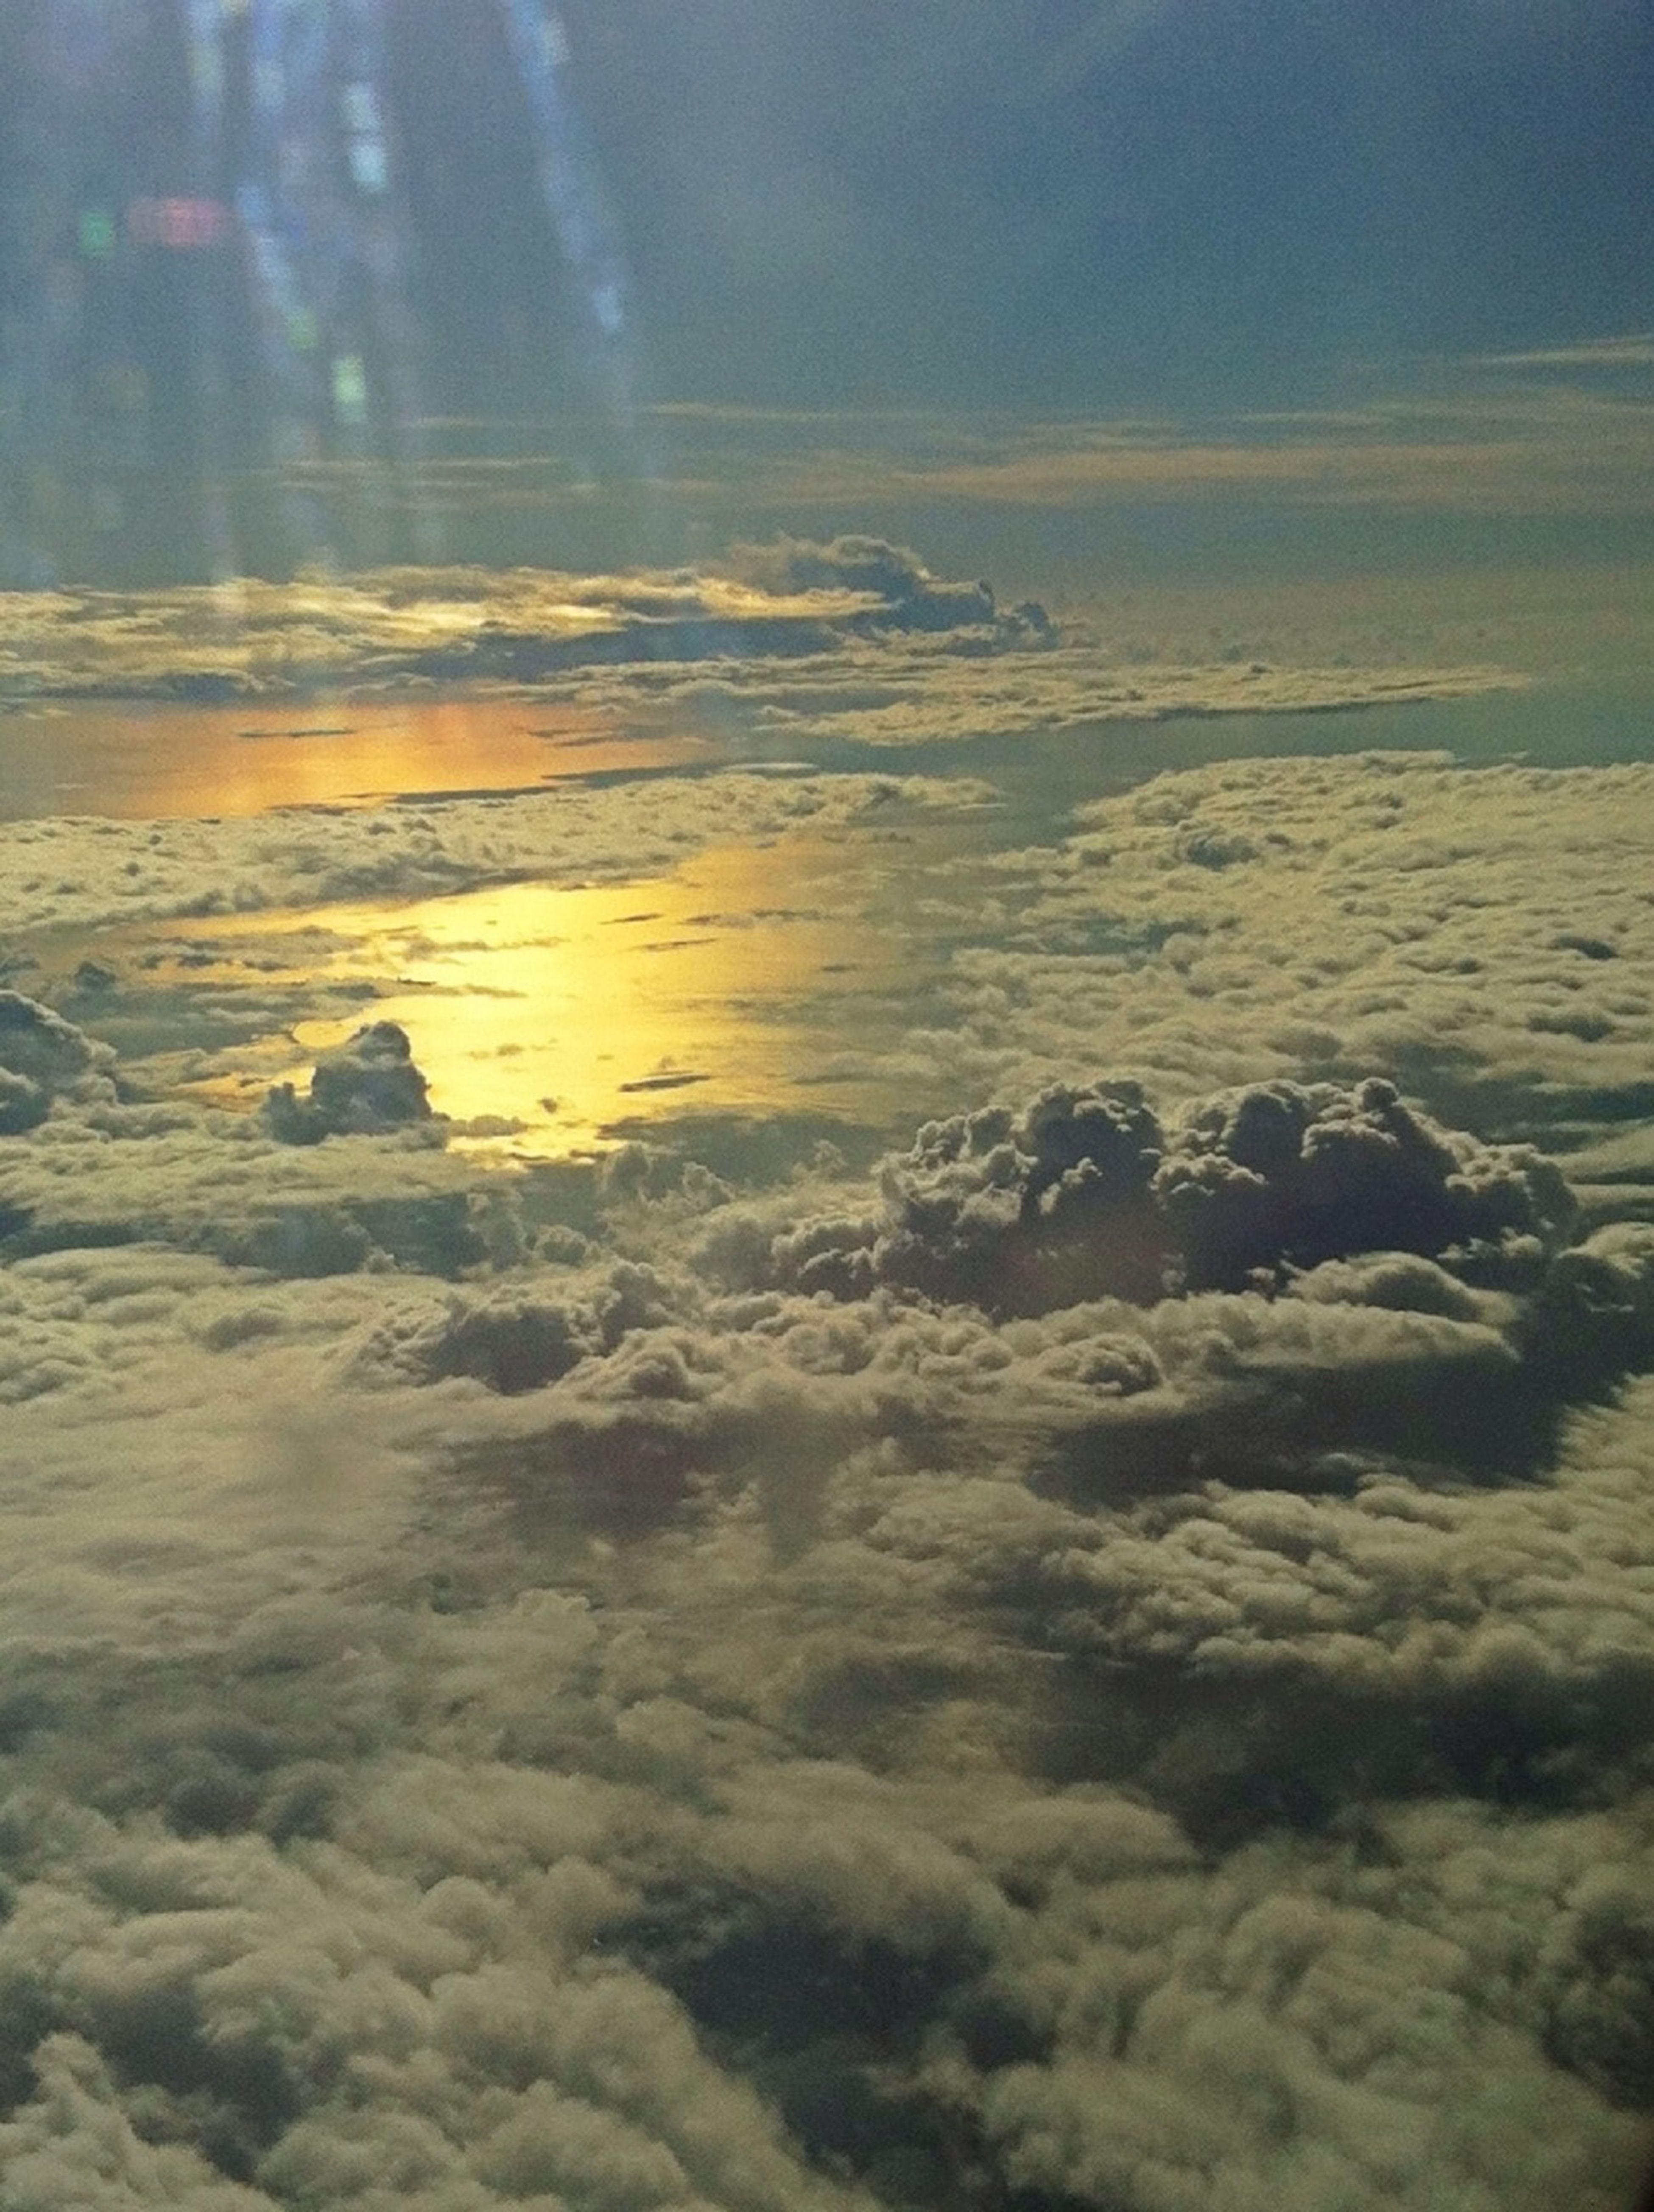 Sky, clouds, sea ad sun